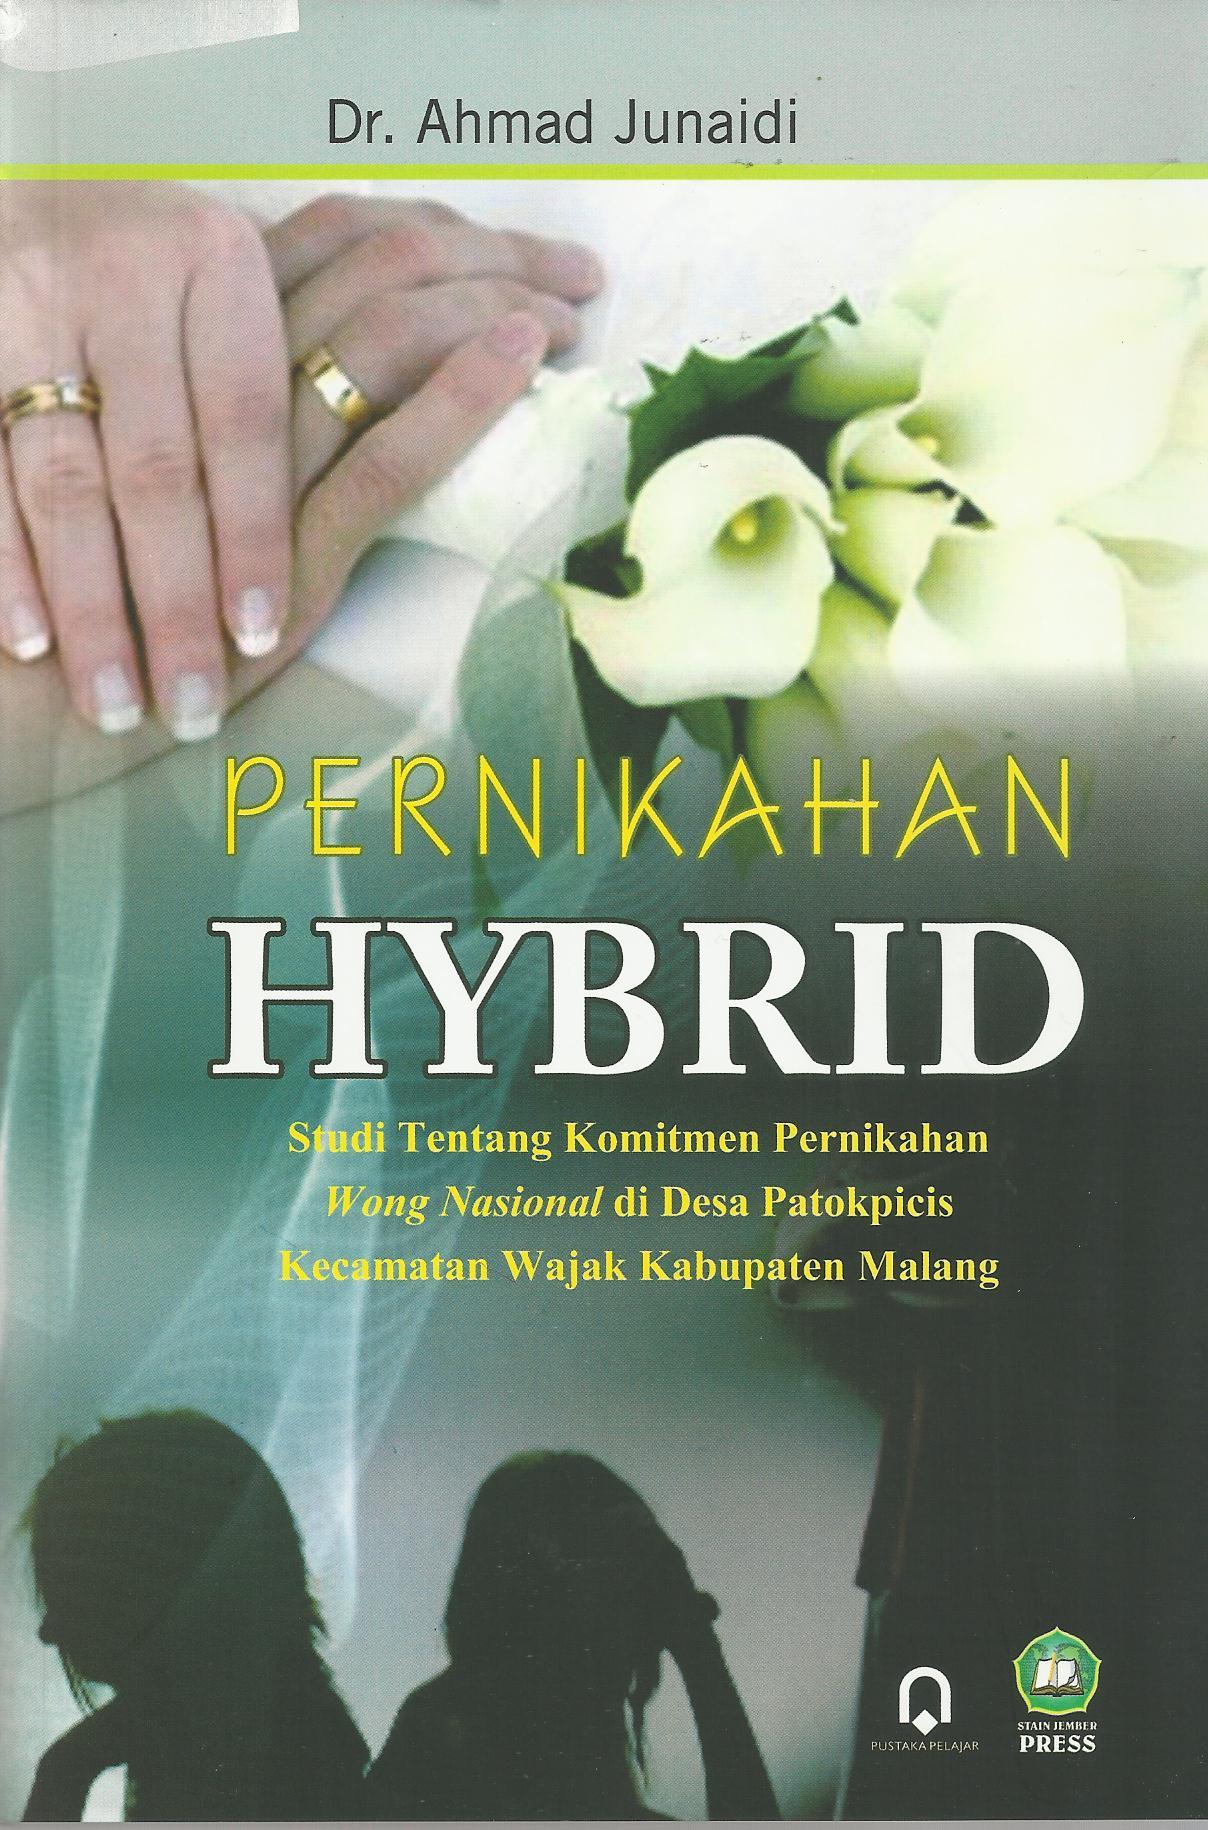 Pernikahan Hybrid